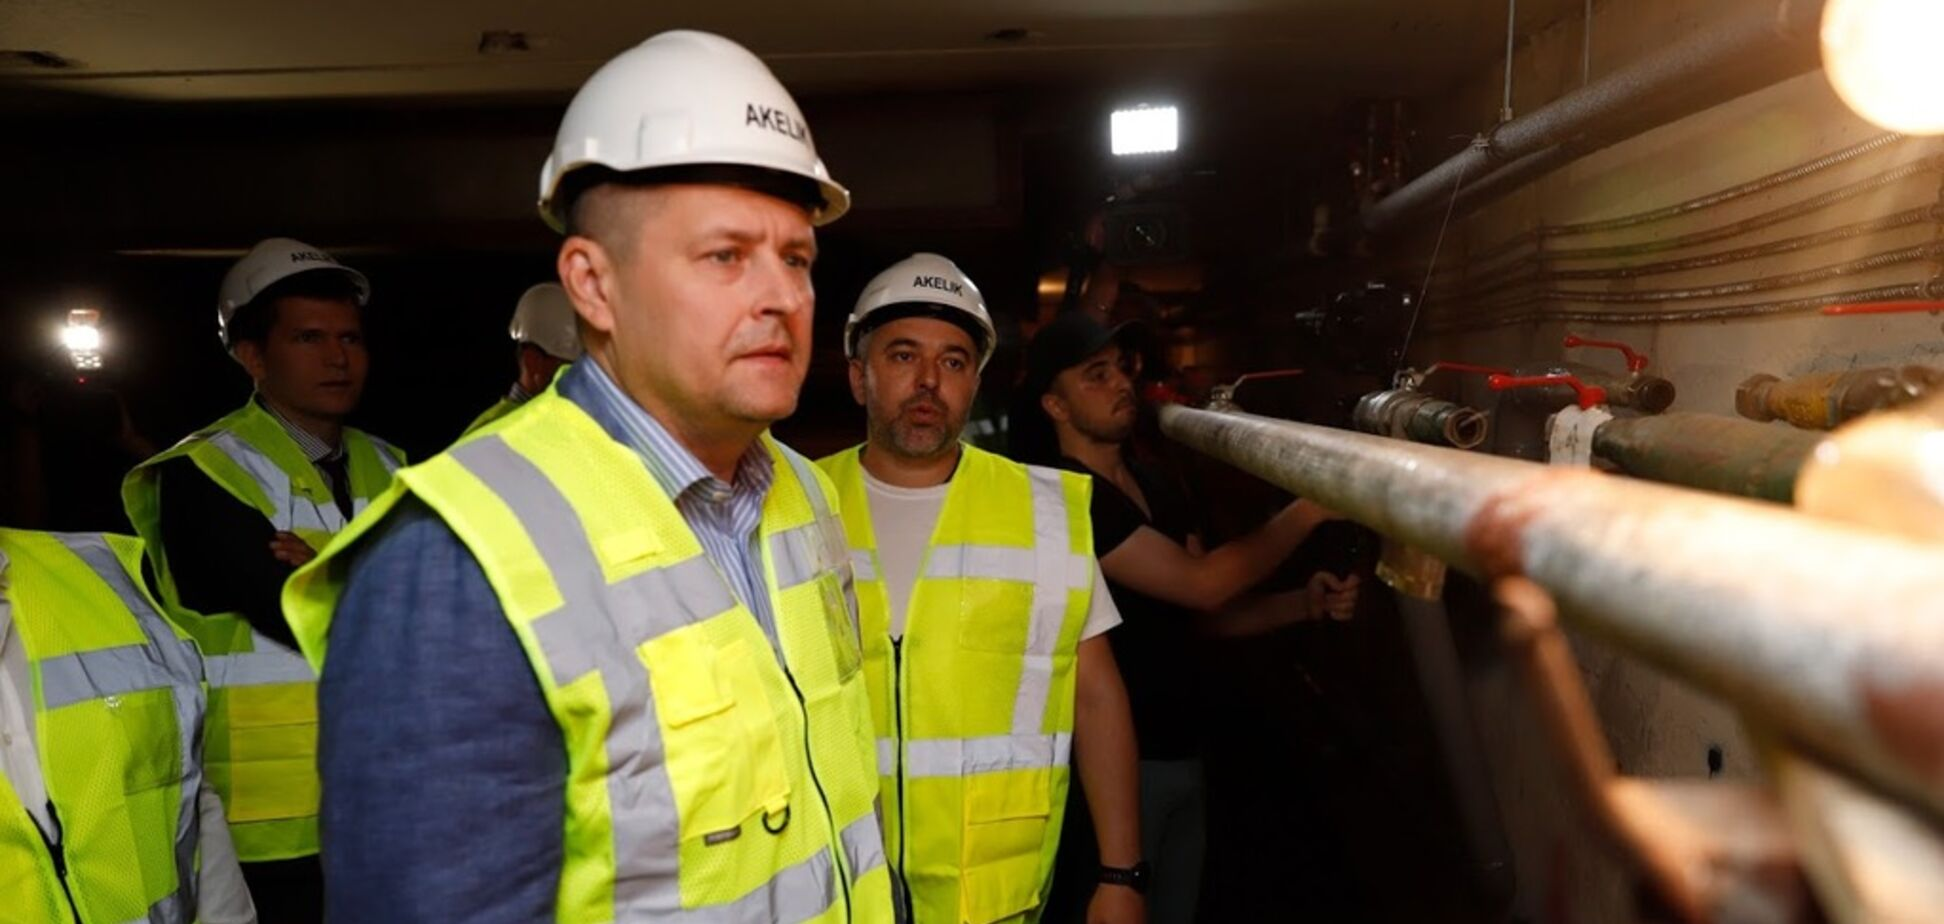 Європа виділила 12,5 млн євро на енергоефективність Дніпра - Філатов